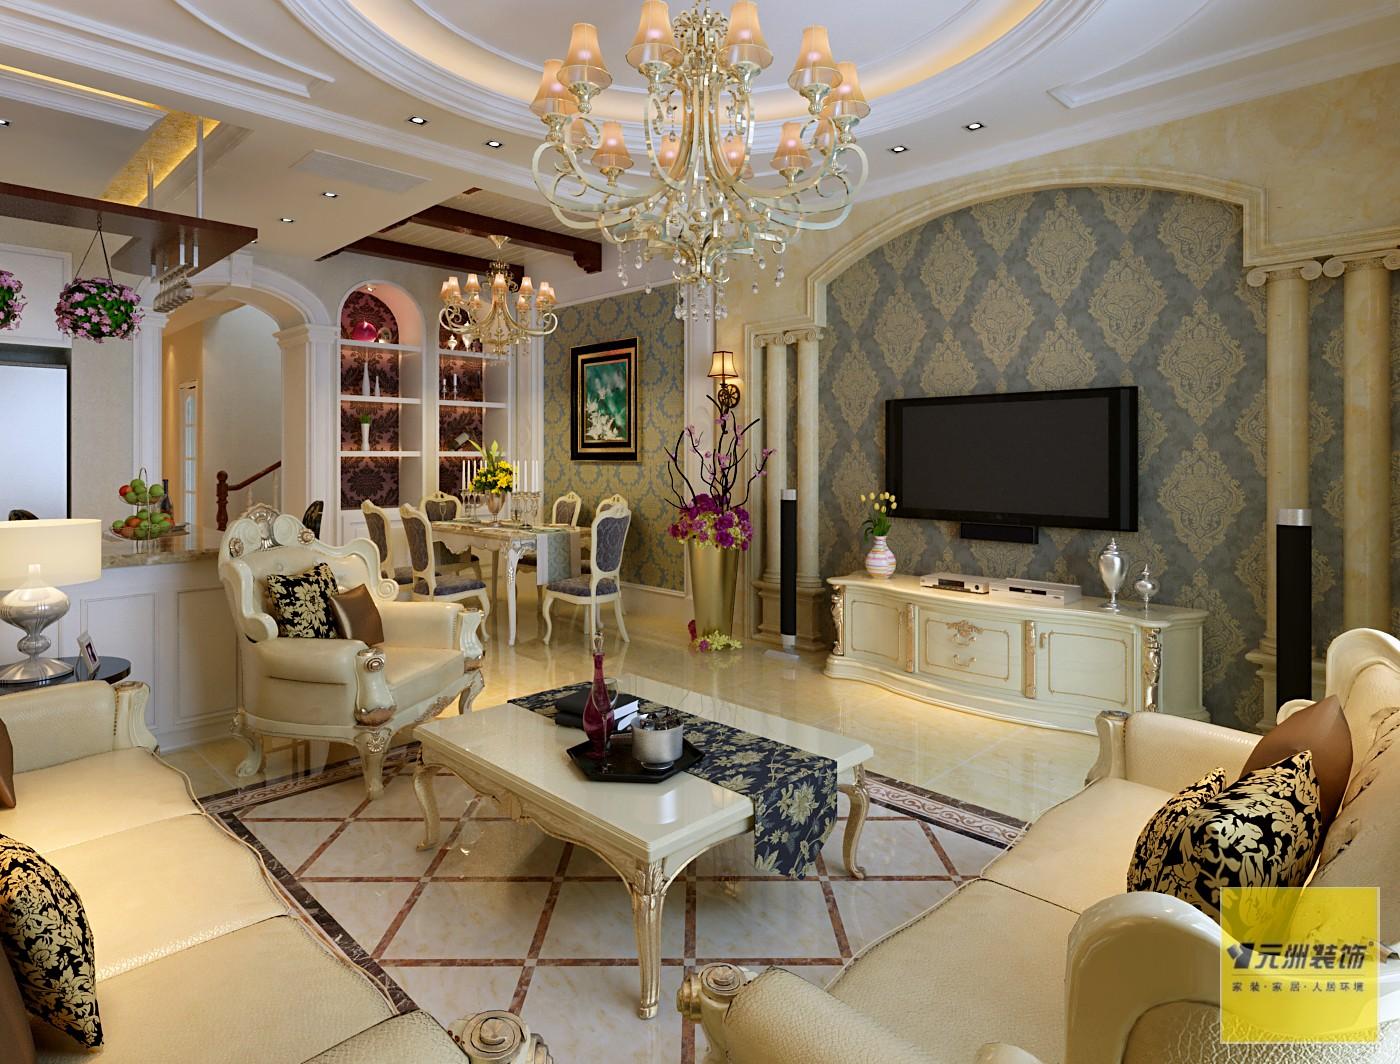 别墅美式风格_北京天鹅湖288平米联排别墅装修效果图图片